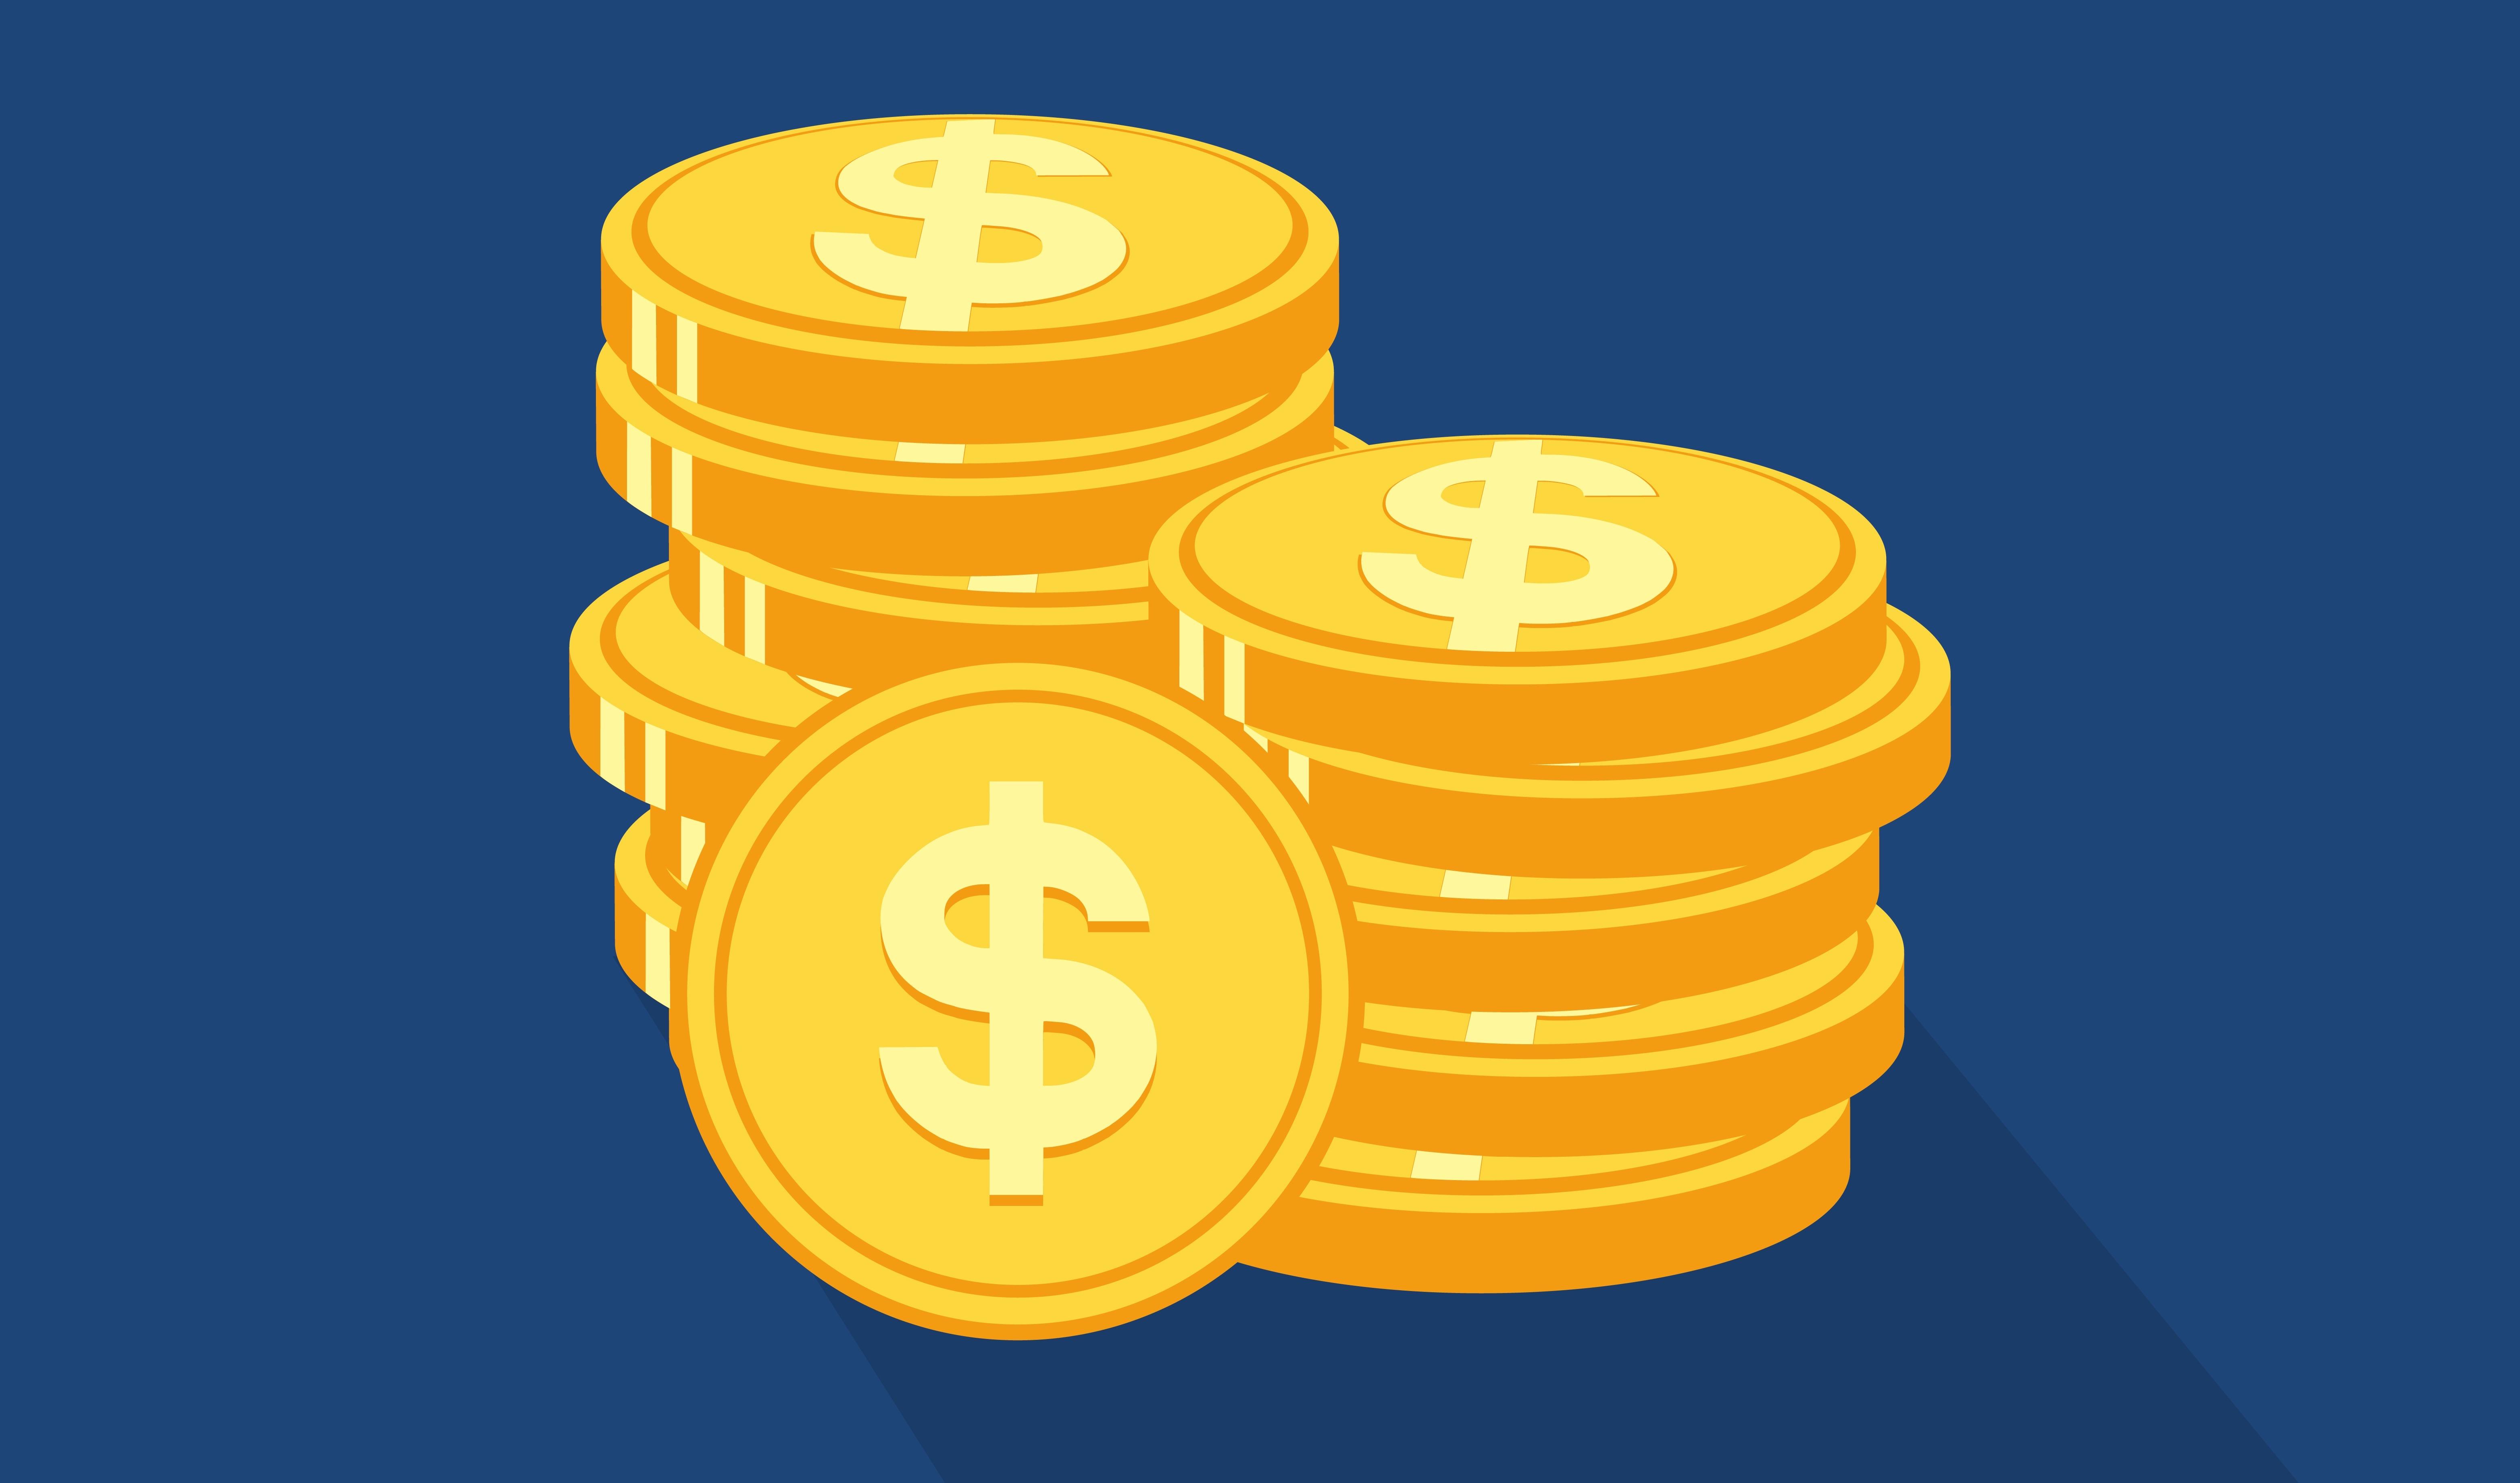 ビットコインは年末に万円!仮想通貨投資会社が3つの理由を解説! | ビットコイン谷